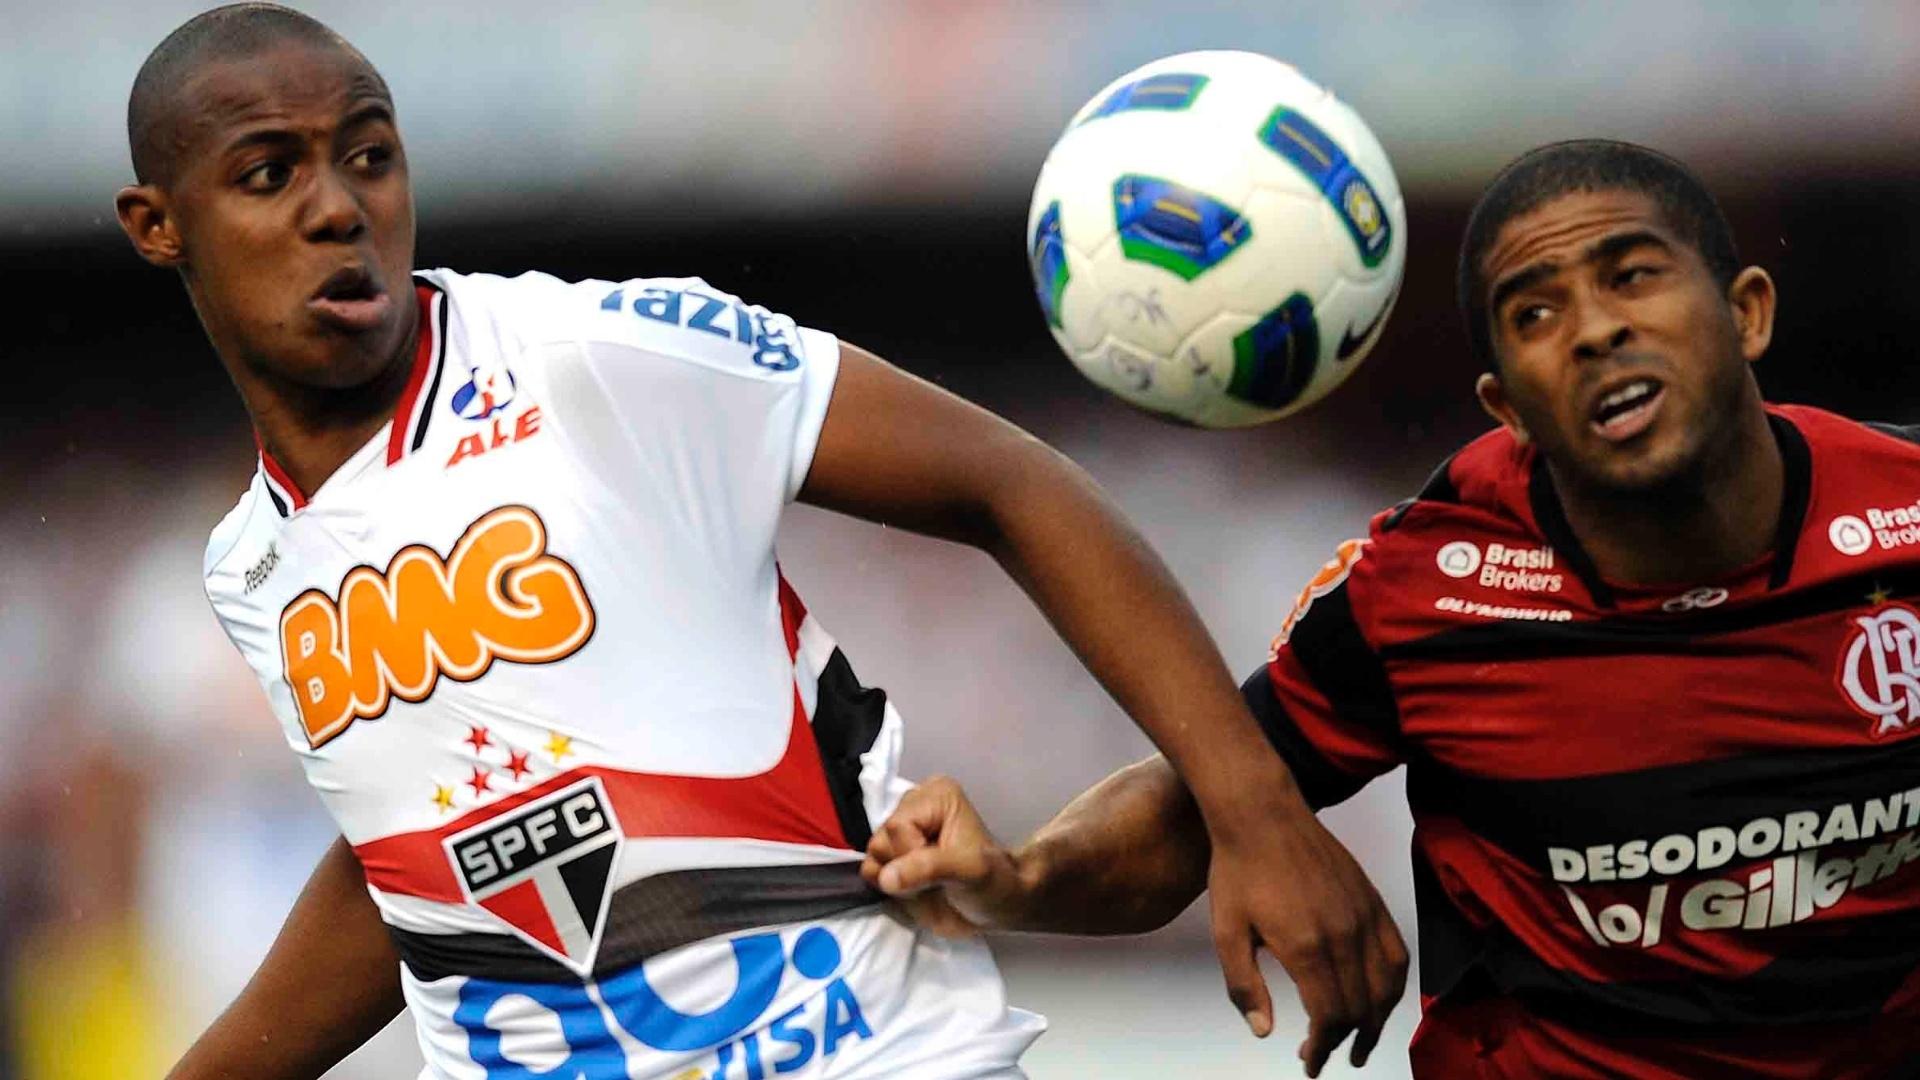 Wellington disputa a bola com o lateral Júnior César, na partida entre São Paulo e Flamengo